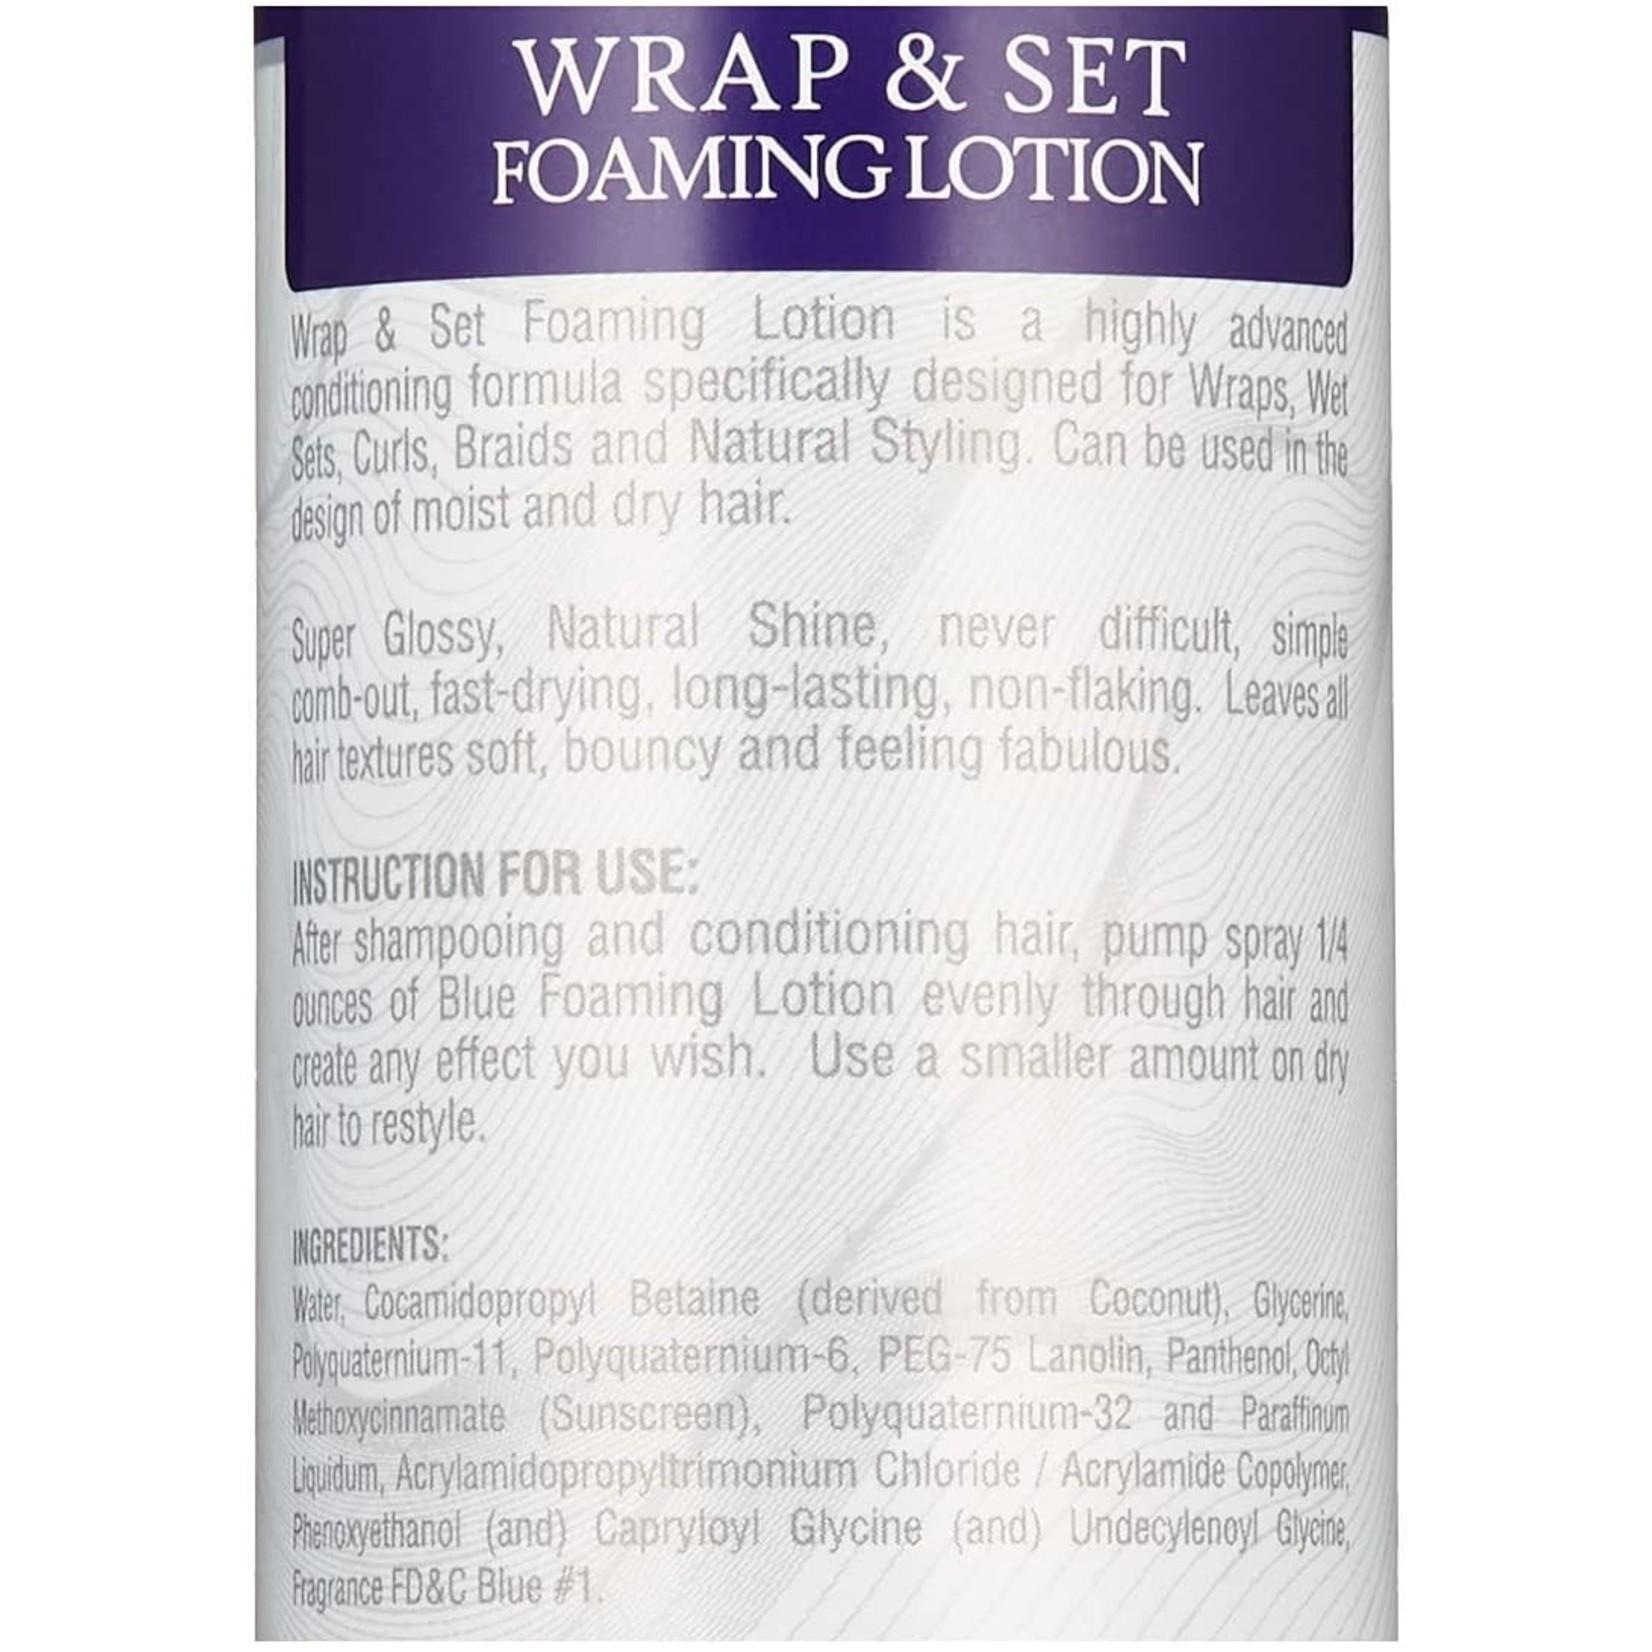 Wrap & Set Foaming Lotion